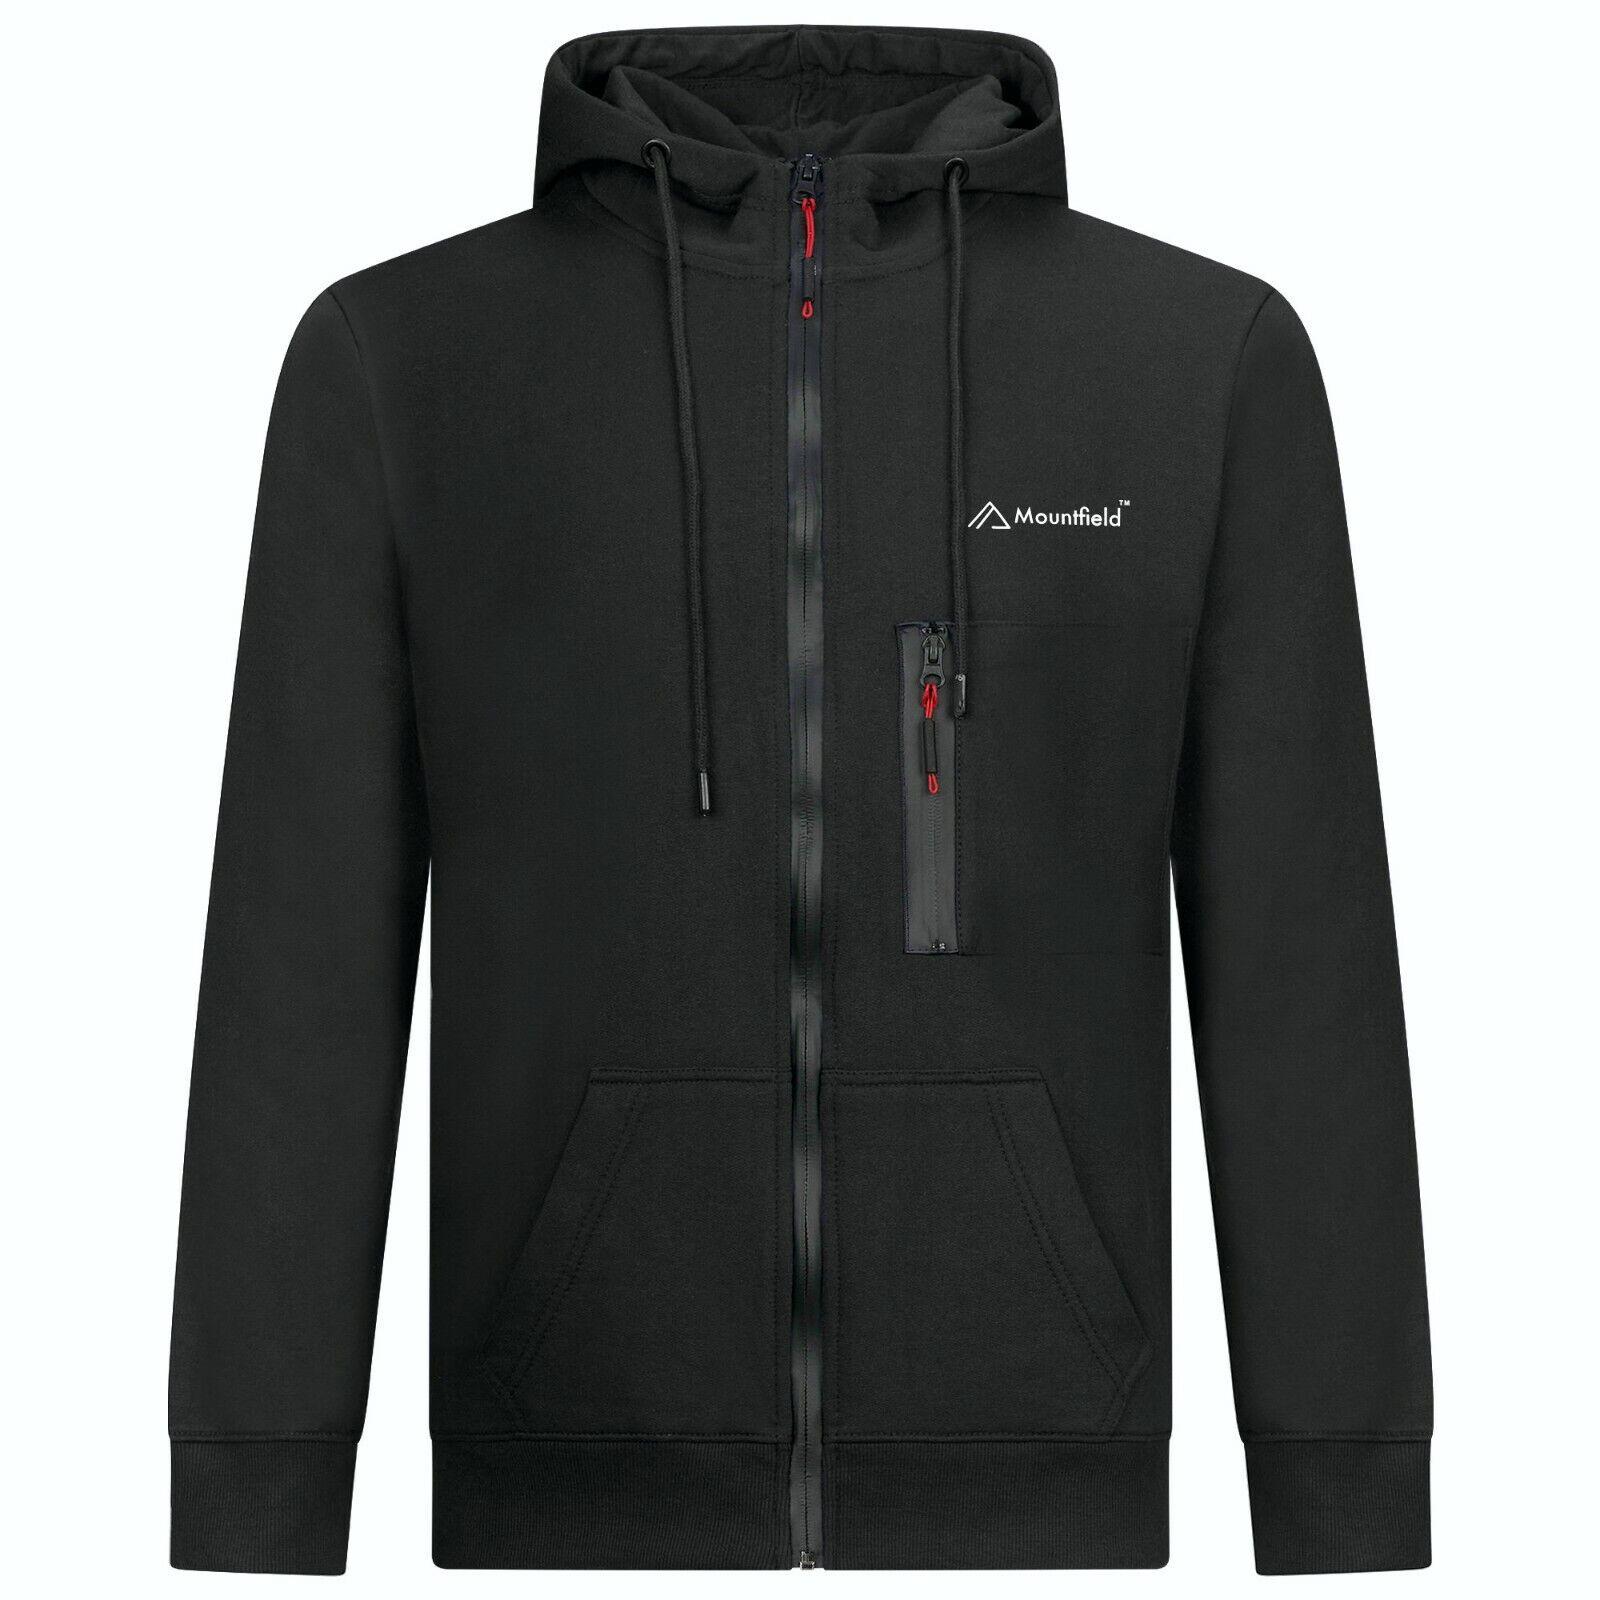 Mountfield Mens Zip-Up Hoodie Jacket Sweatshirt Hooded 1 High Zip Pocket Style 8